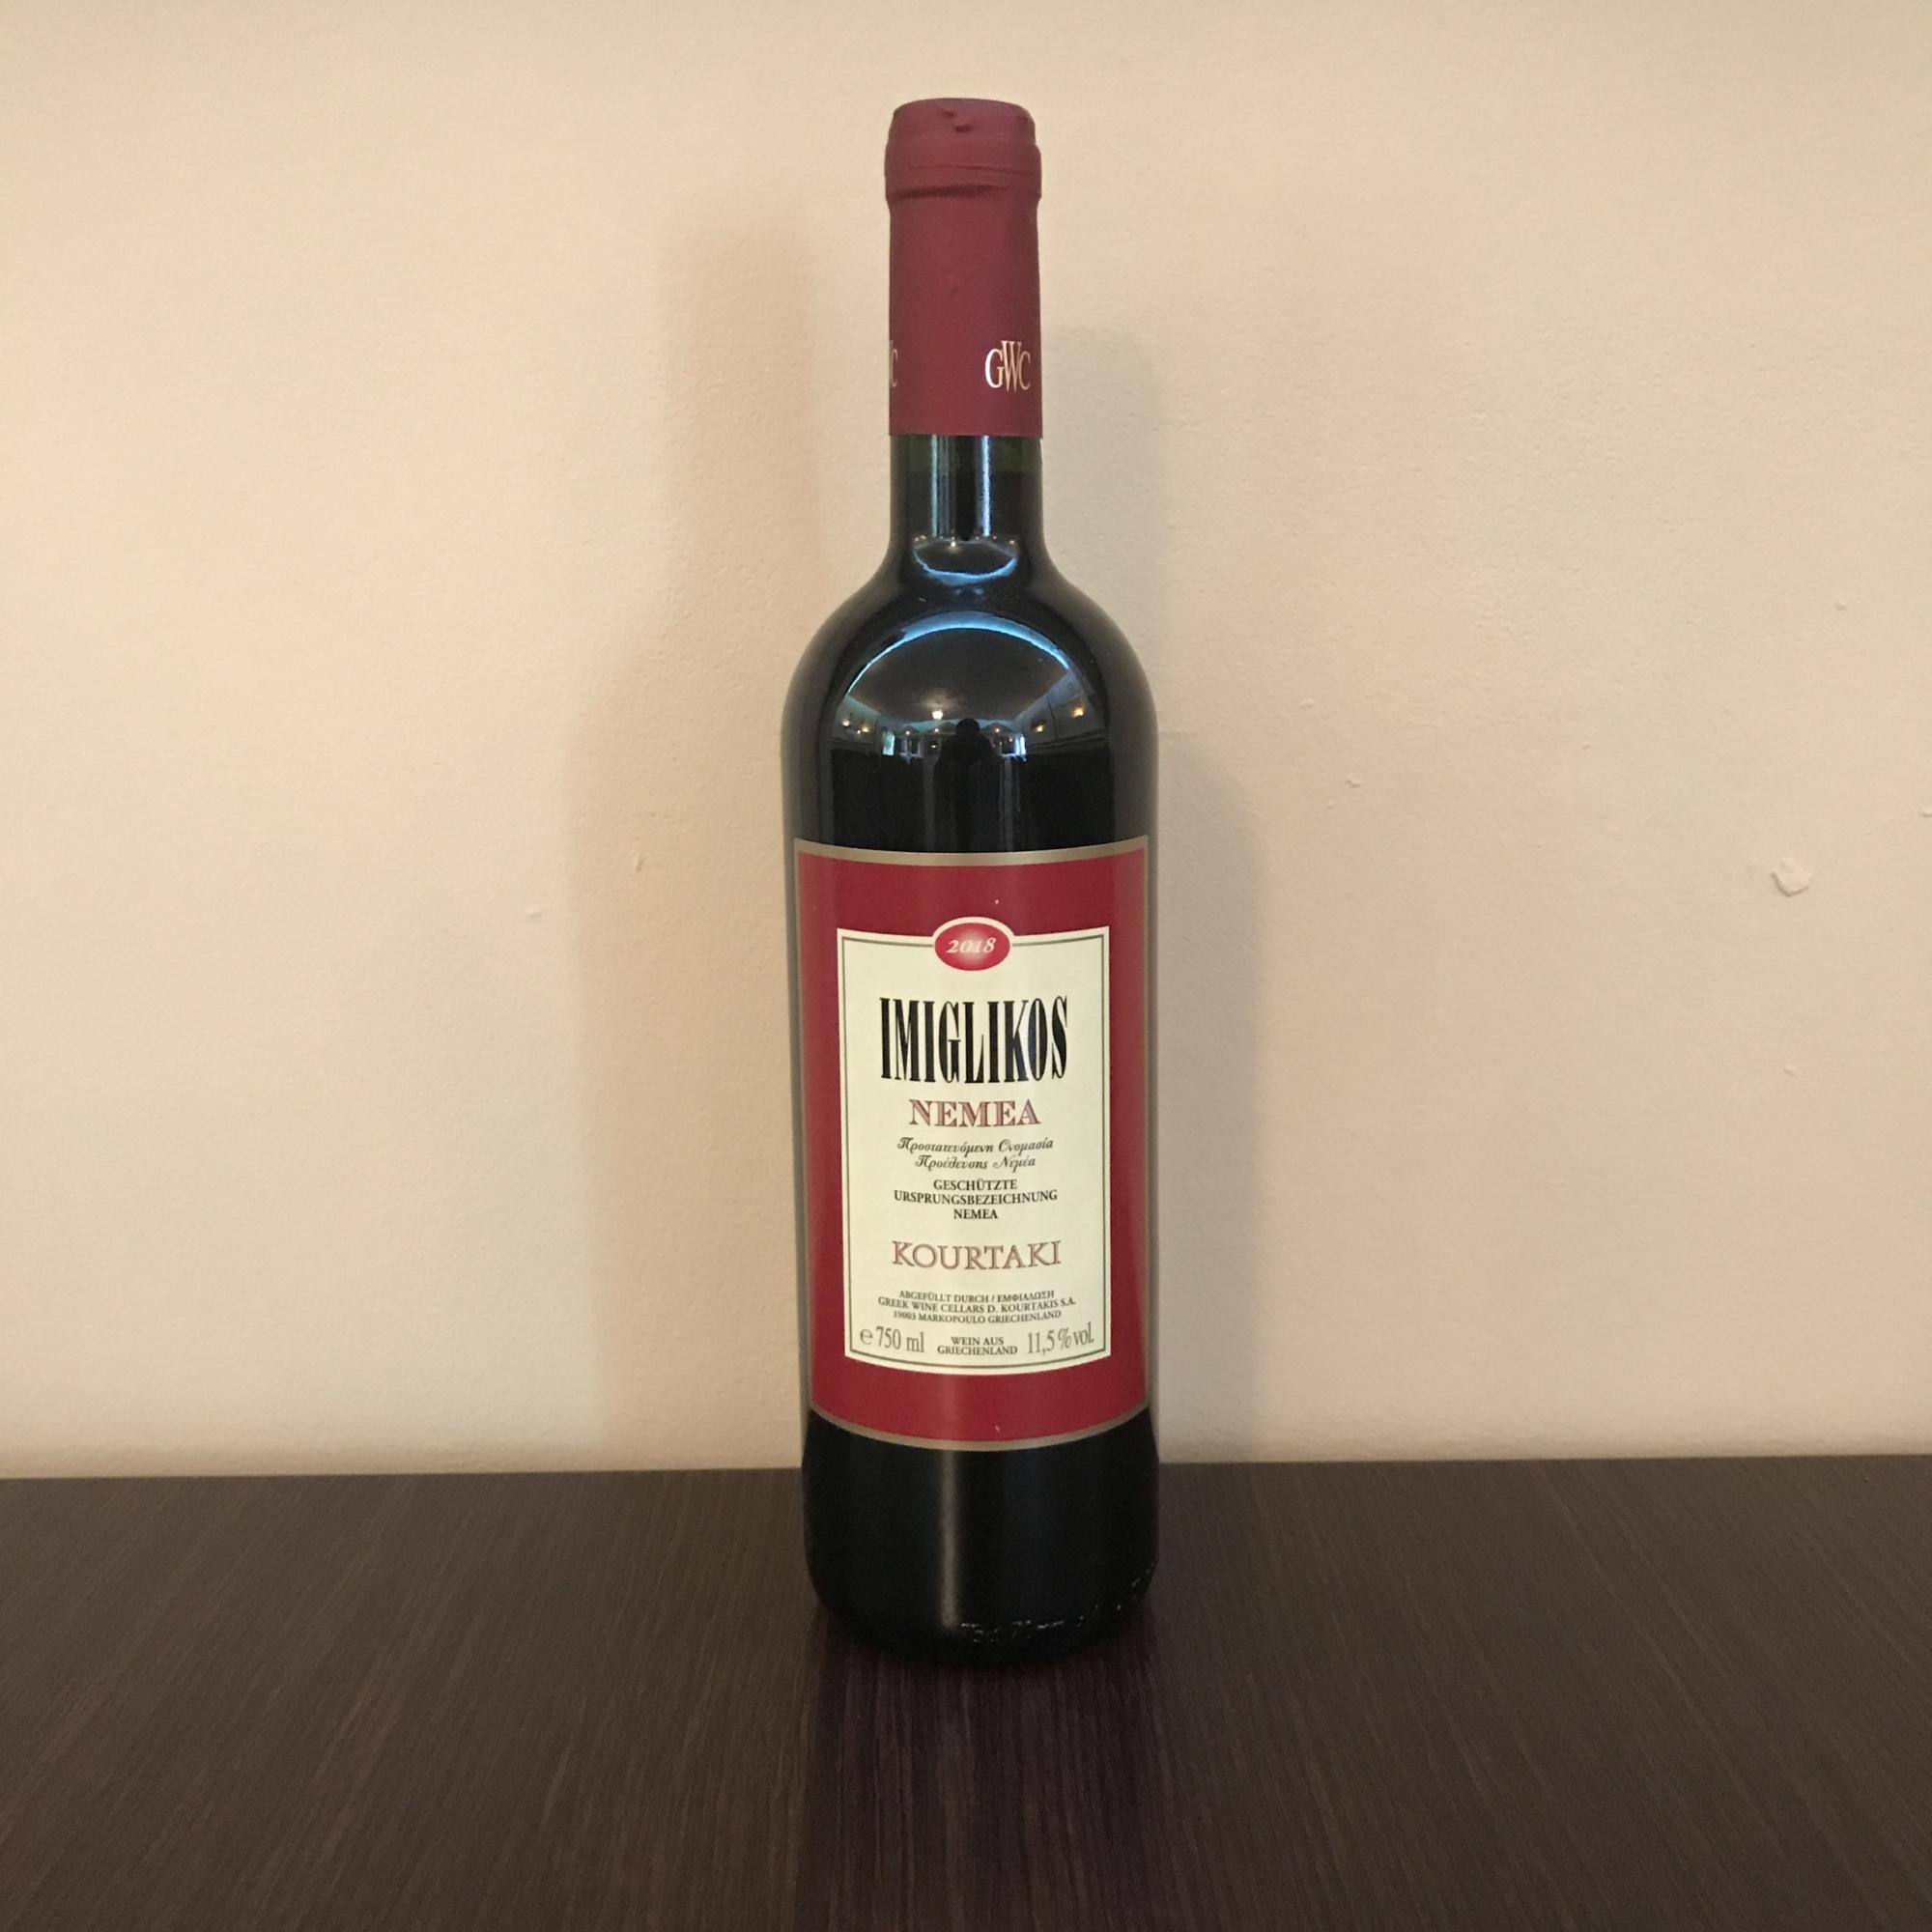 Grieche-Wedel-Taverna-Plaka-Wein-Imiglikos-Nemea-Vorderseite